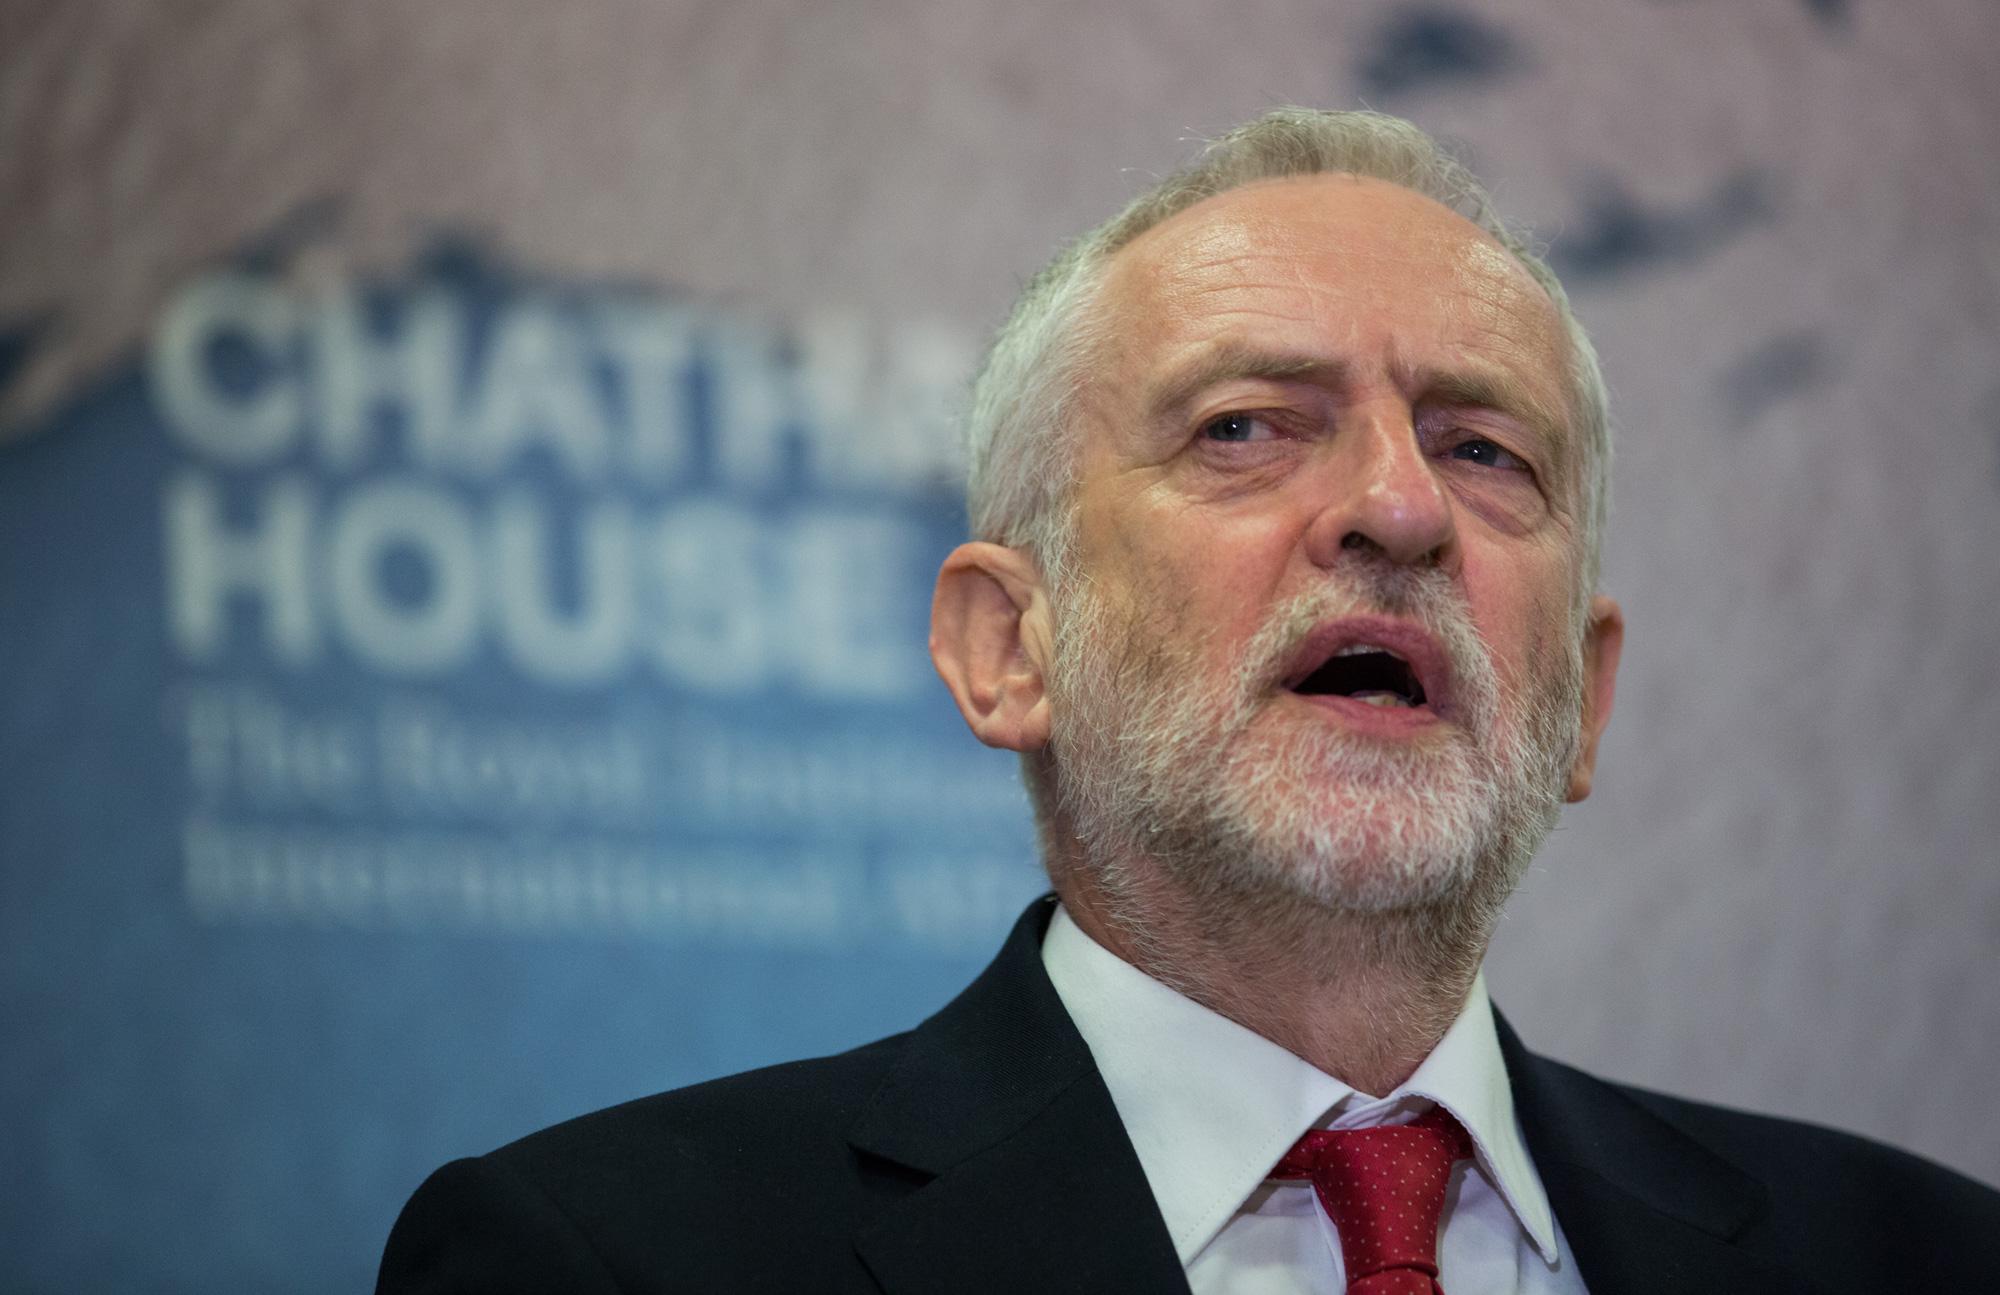 Лидер лейбористов Джереми Корбан, выполняя решение своей партии, терзает парламент требованиями отставки правительства Мэй, досрочных выборов и повторного референдума о членстве в ЕС